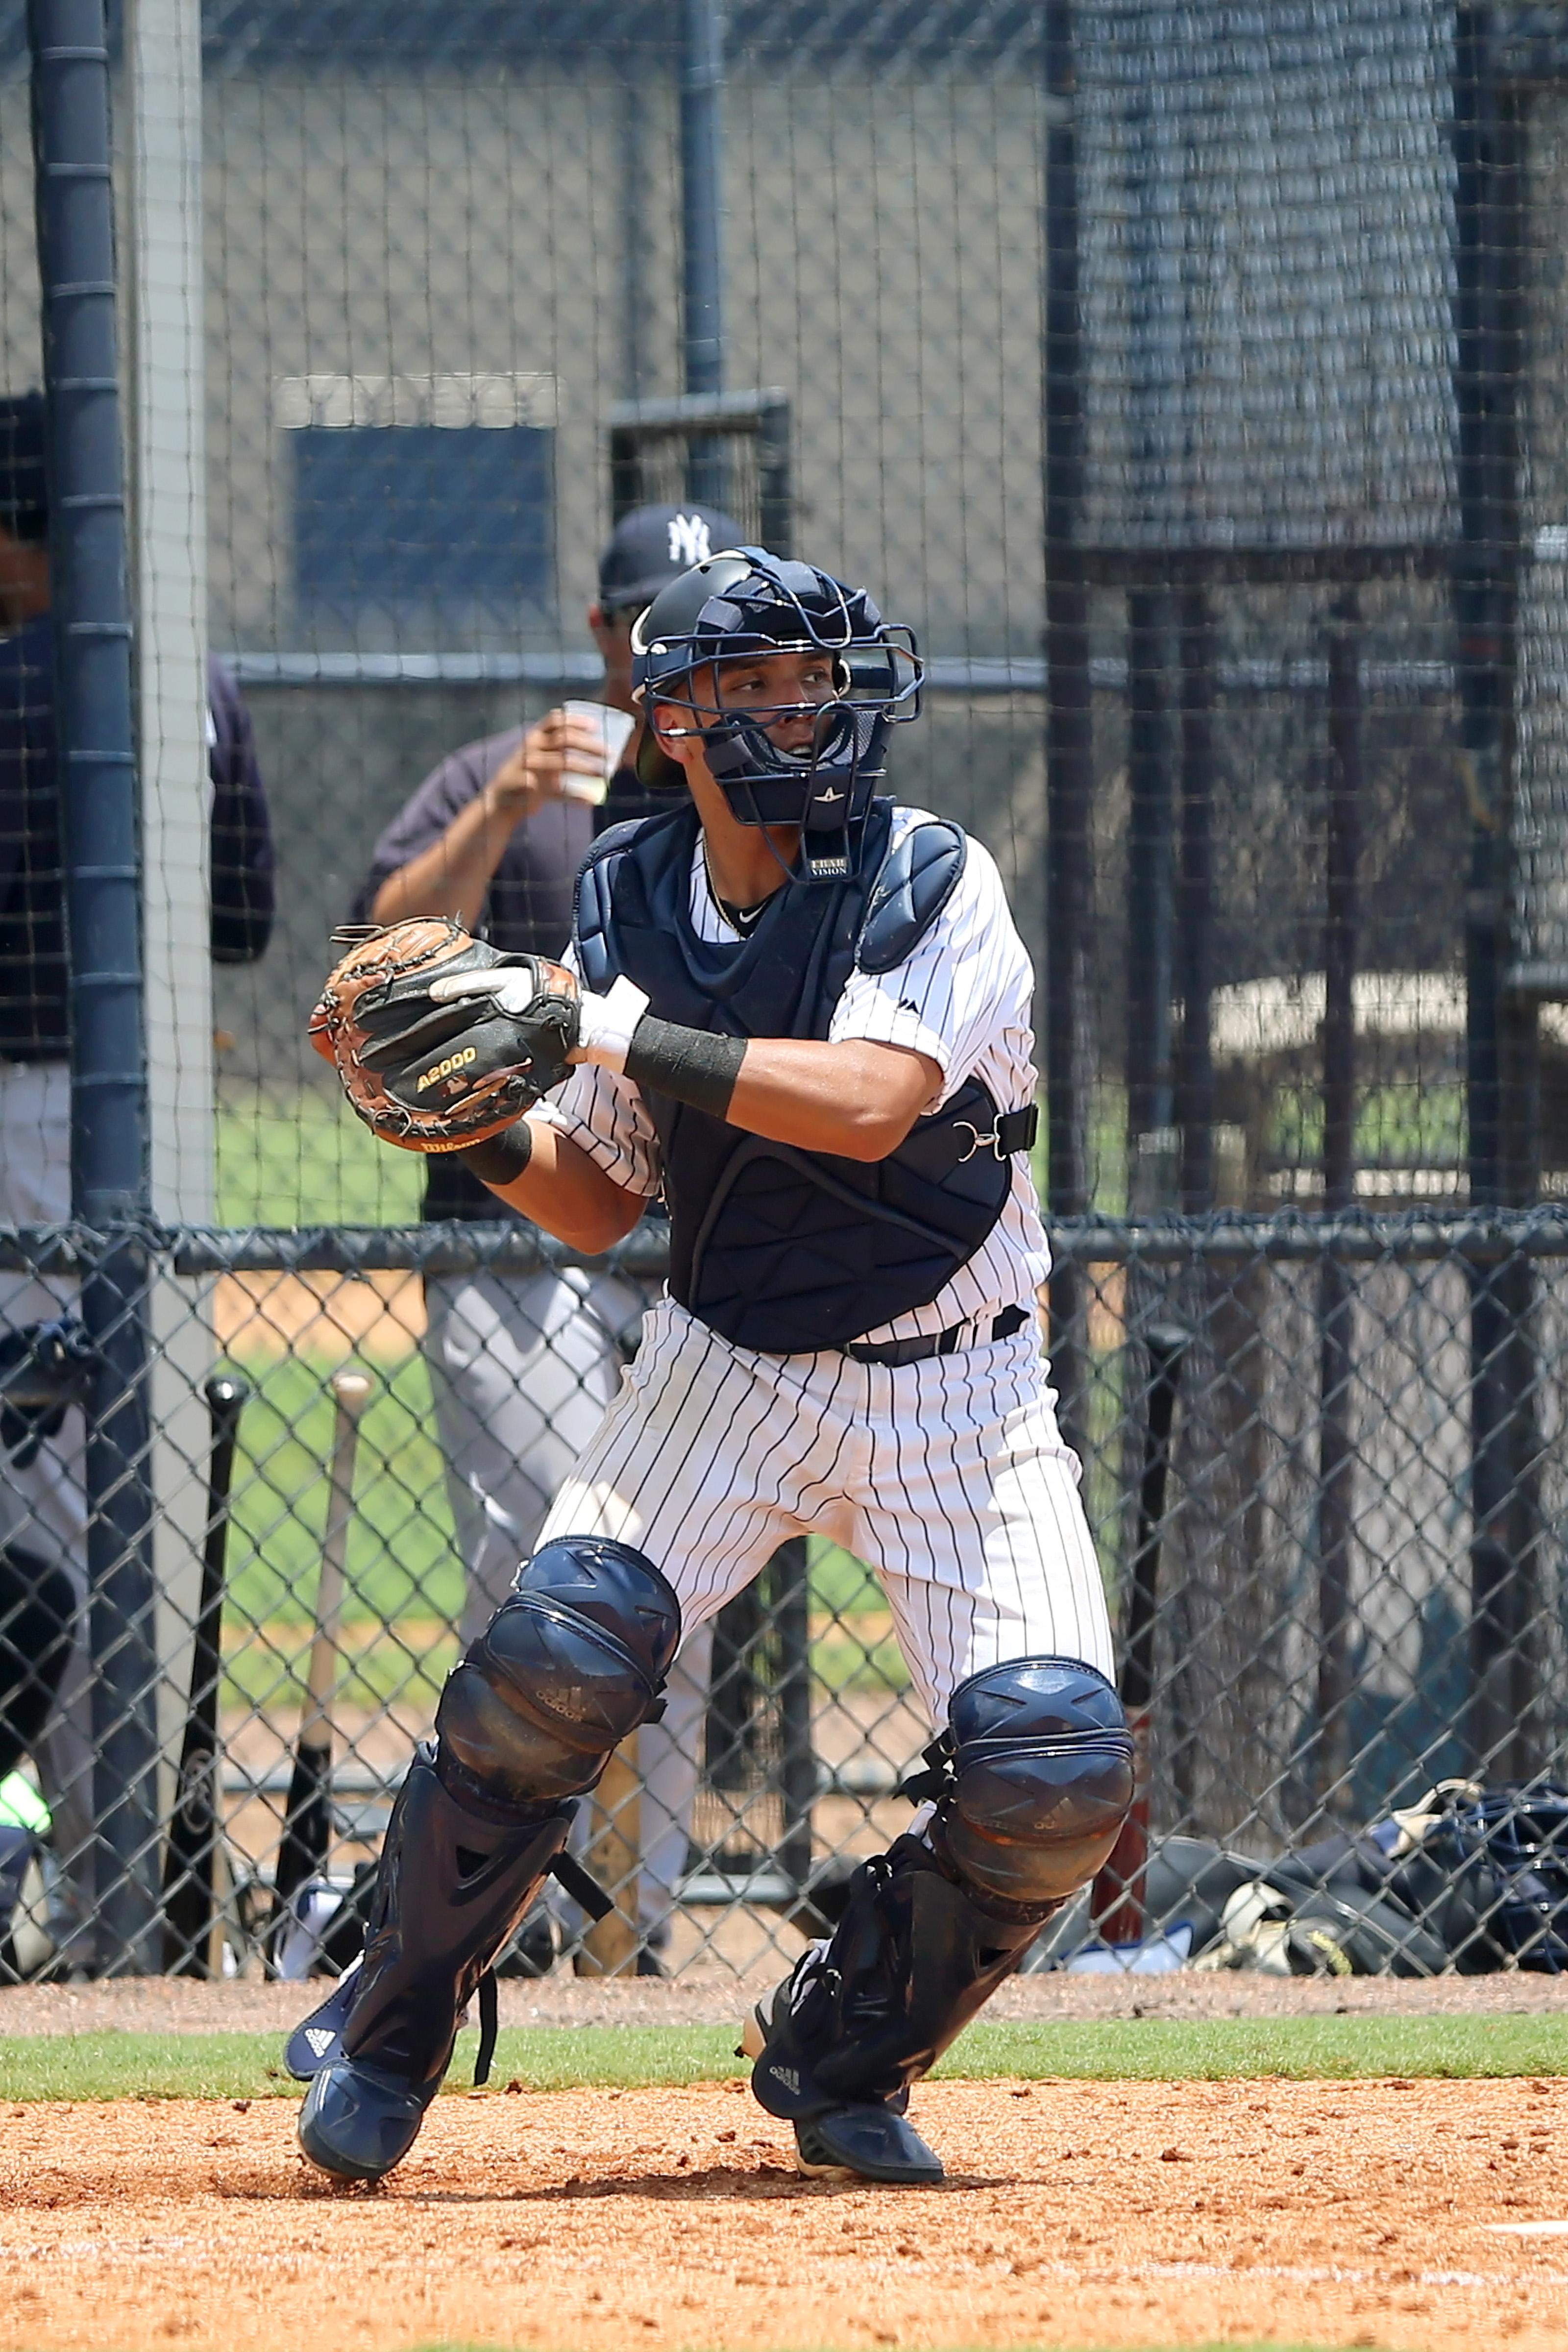 MILB: JUN 25 Gulf Coast League - GCL Yankees East at GCL Yankees West